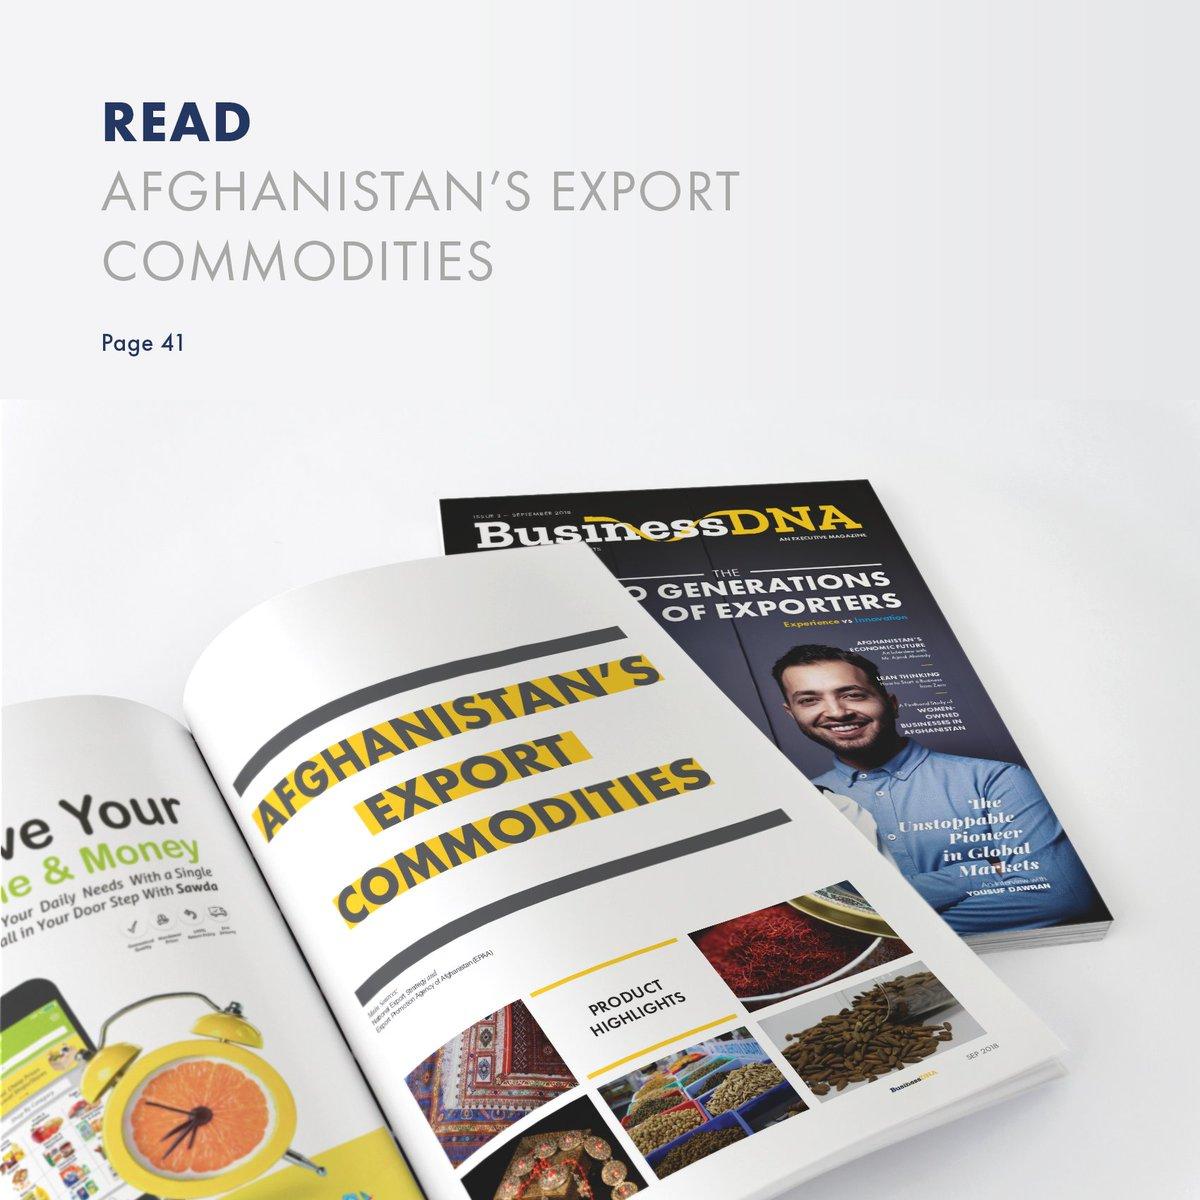 view Markt und Preis: Märkte und Marktformen, Wert und Preis, Preismechanismus, Nachfrage, Angebot, Preisbildung, Gütermärkte